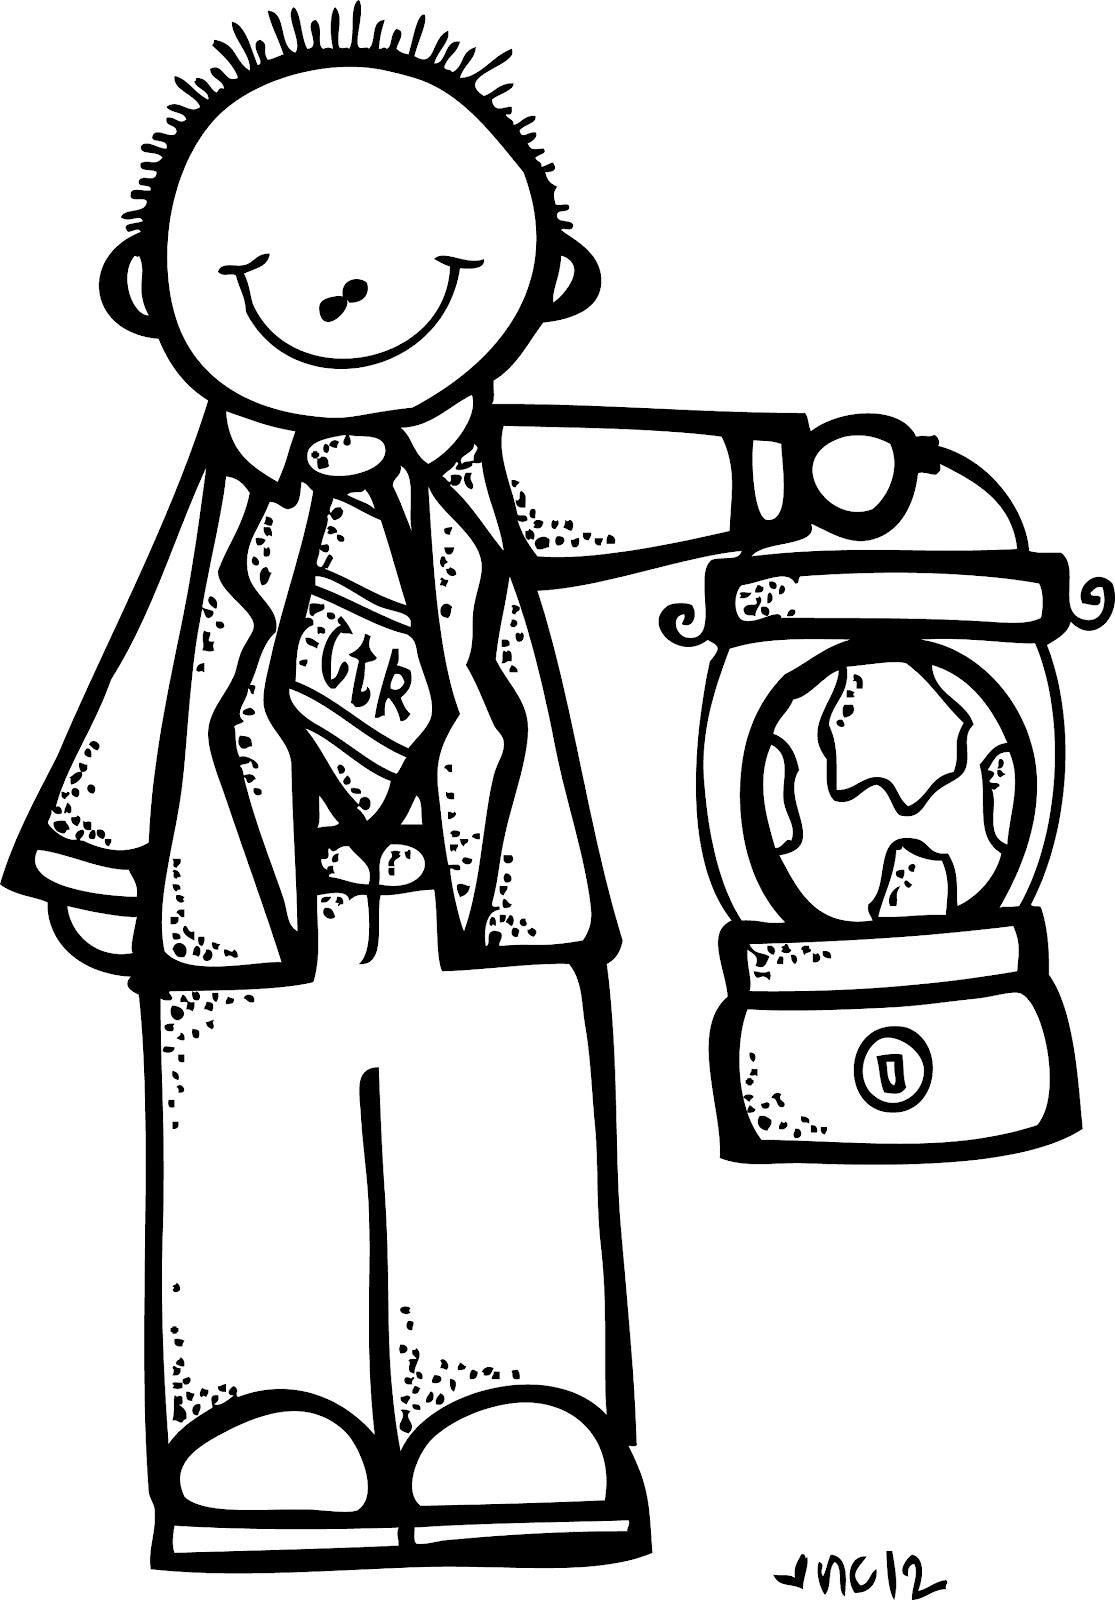 Clip Art Lds Clip Art lds clipart free download clip art on children praying clipart